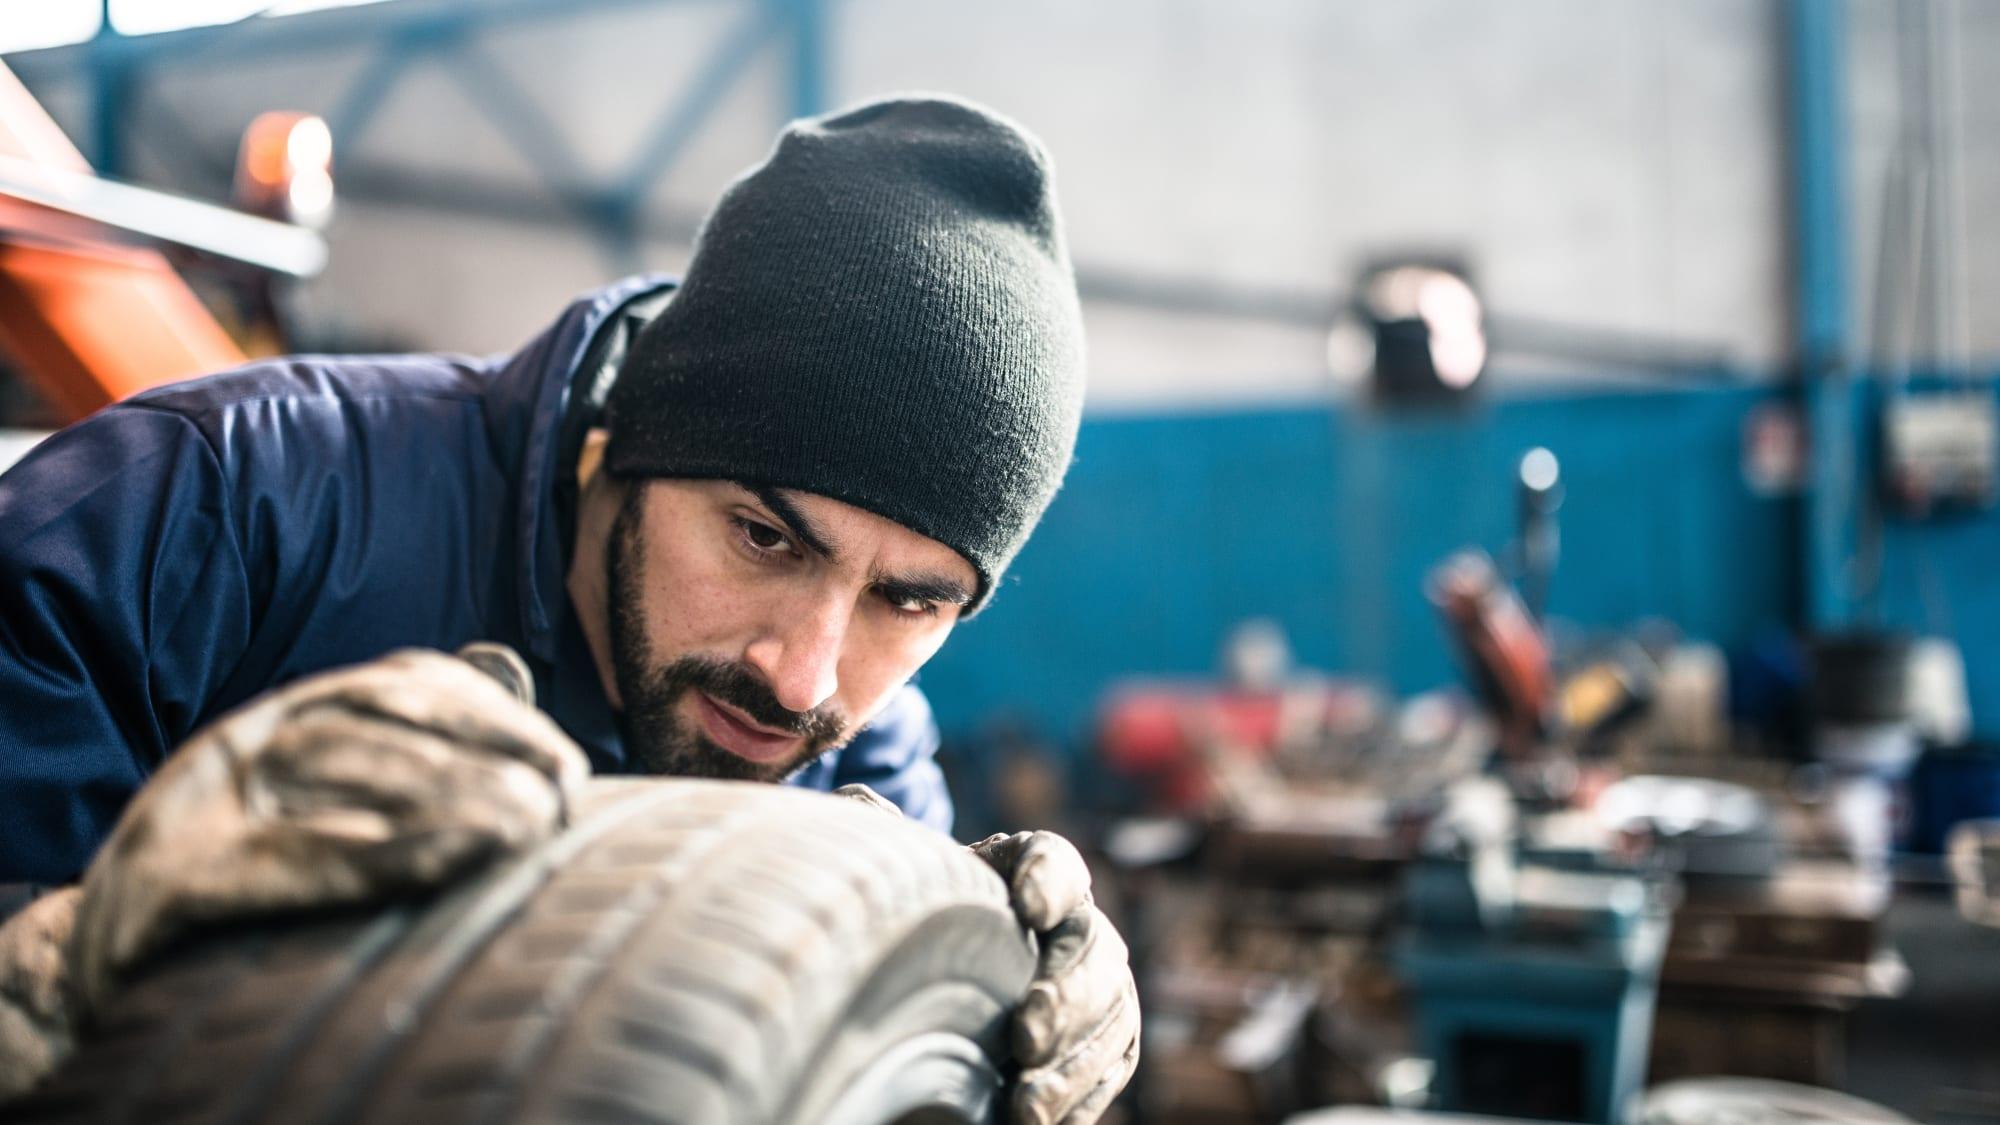 Automechaniker betrachtet das Profil eines Reifens